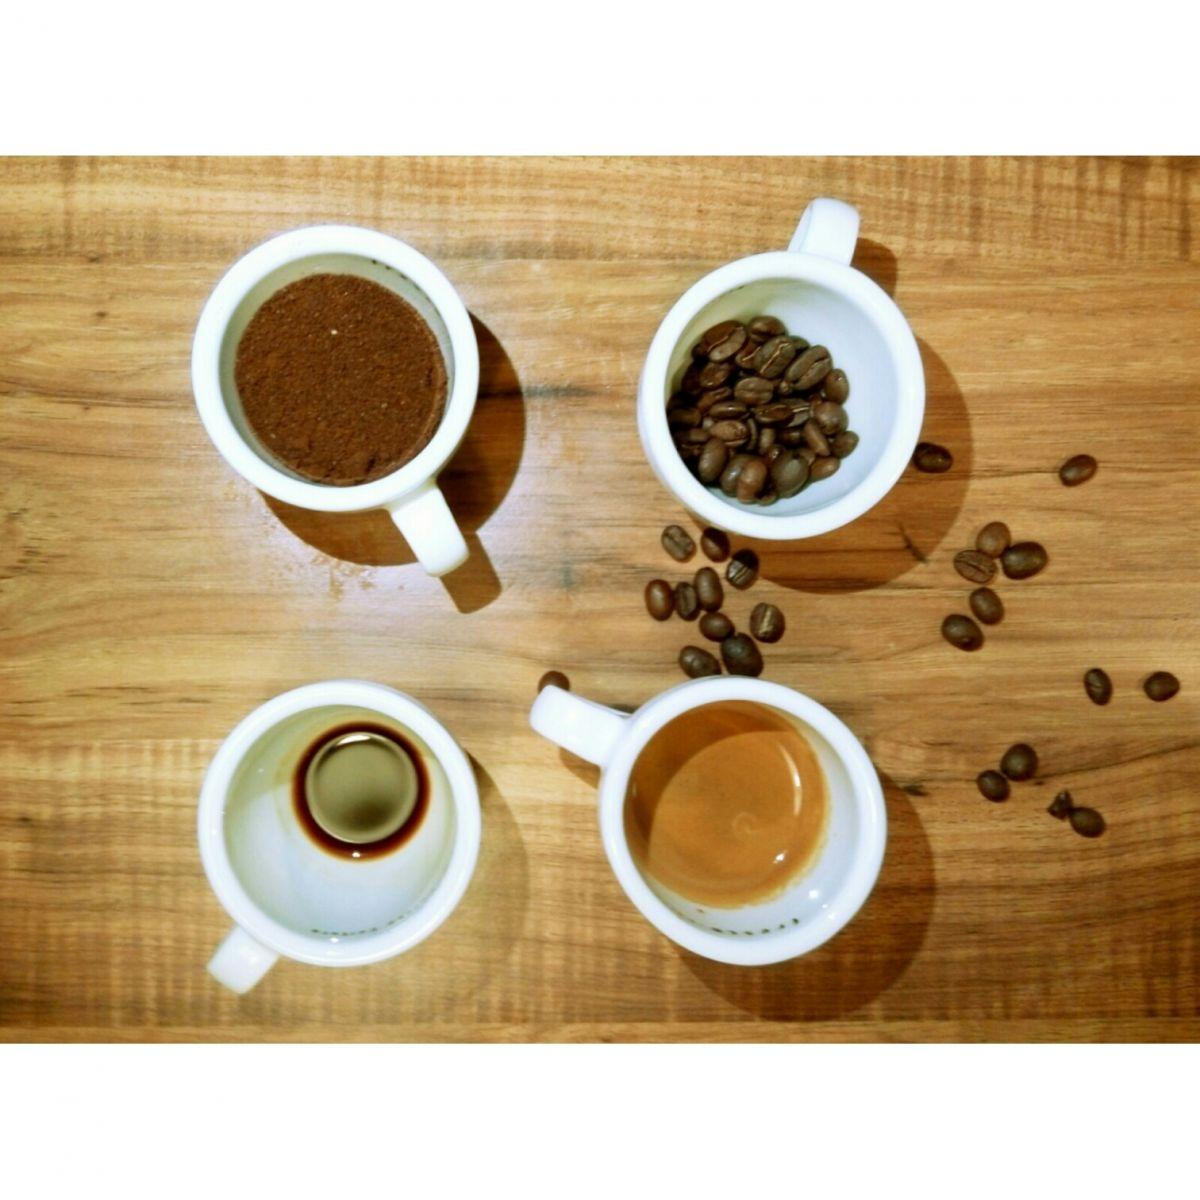 קפה בלוג בורנשטיין דרור שדה אחינעם לוי עיצוב הבית מקלות וניל עפולה